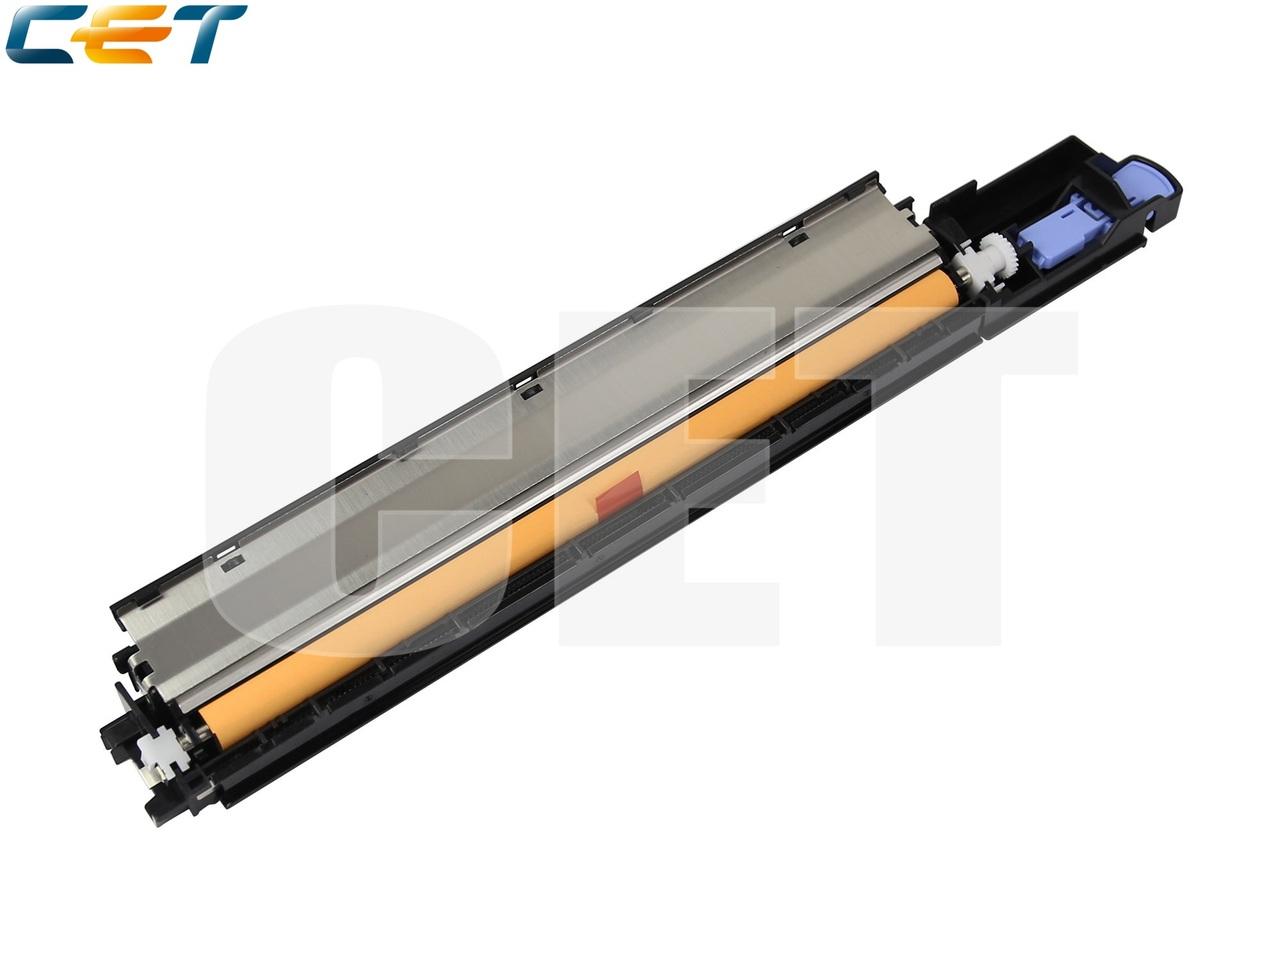 Ролик переноса в сборе CF367-67907 для HP LaserJetEnterprise M806/M830 (CET), CET2776